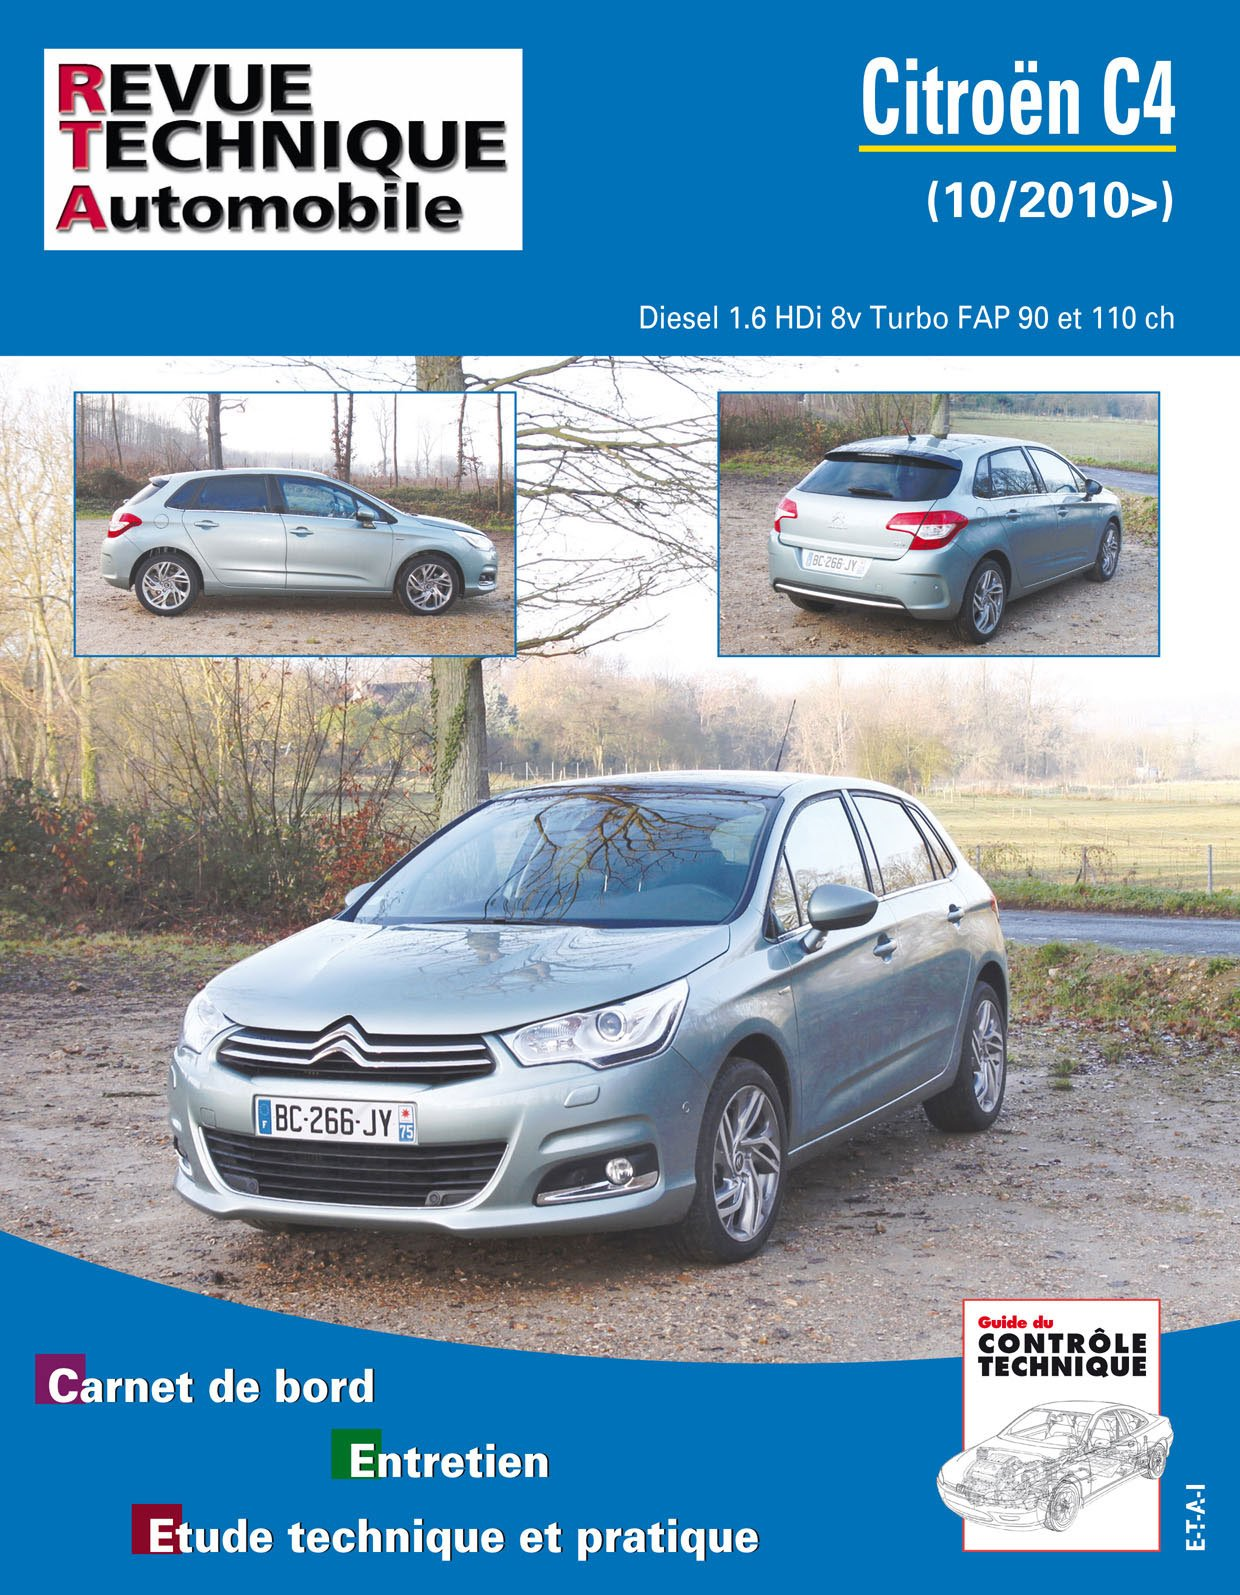 Rta b759 Citroën c4 II 1.6 hdi 112/92 turbo 16v/8v: Amazon.es: Etai: Libros en idiomas extranjeros